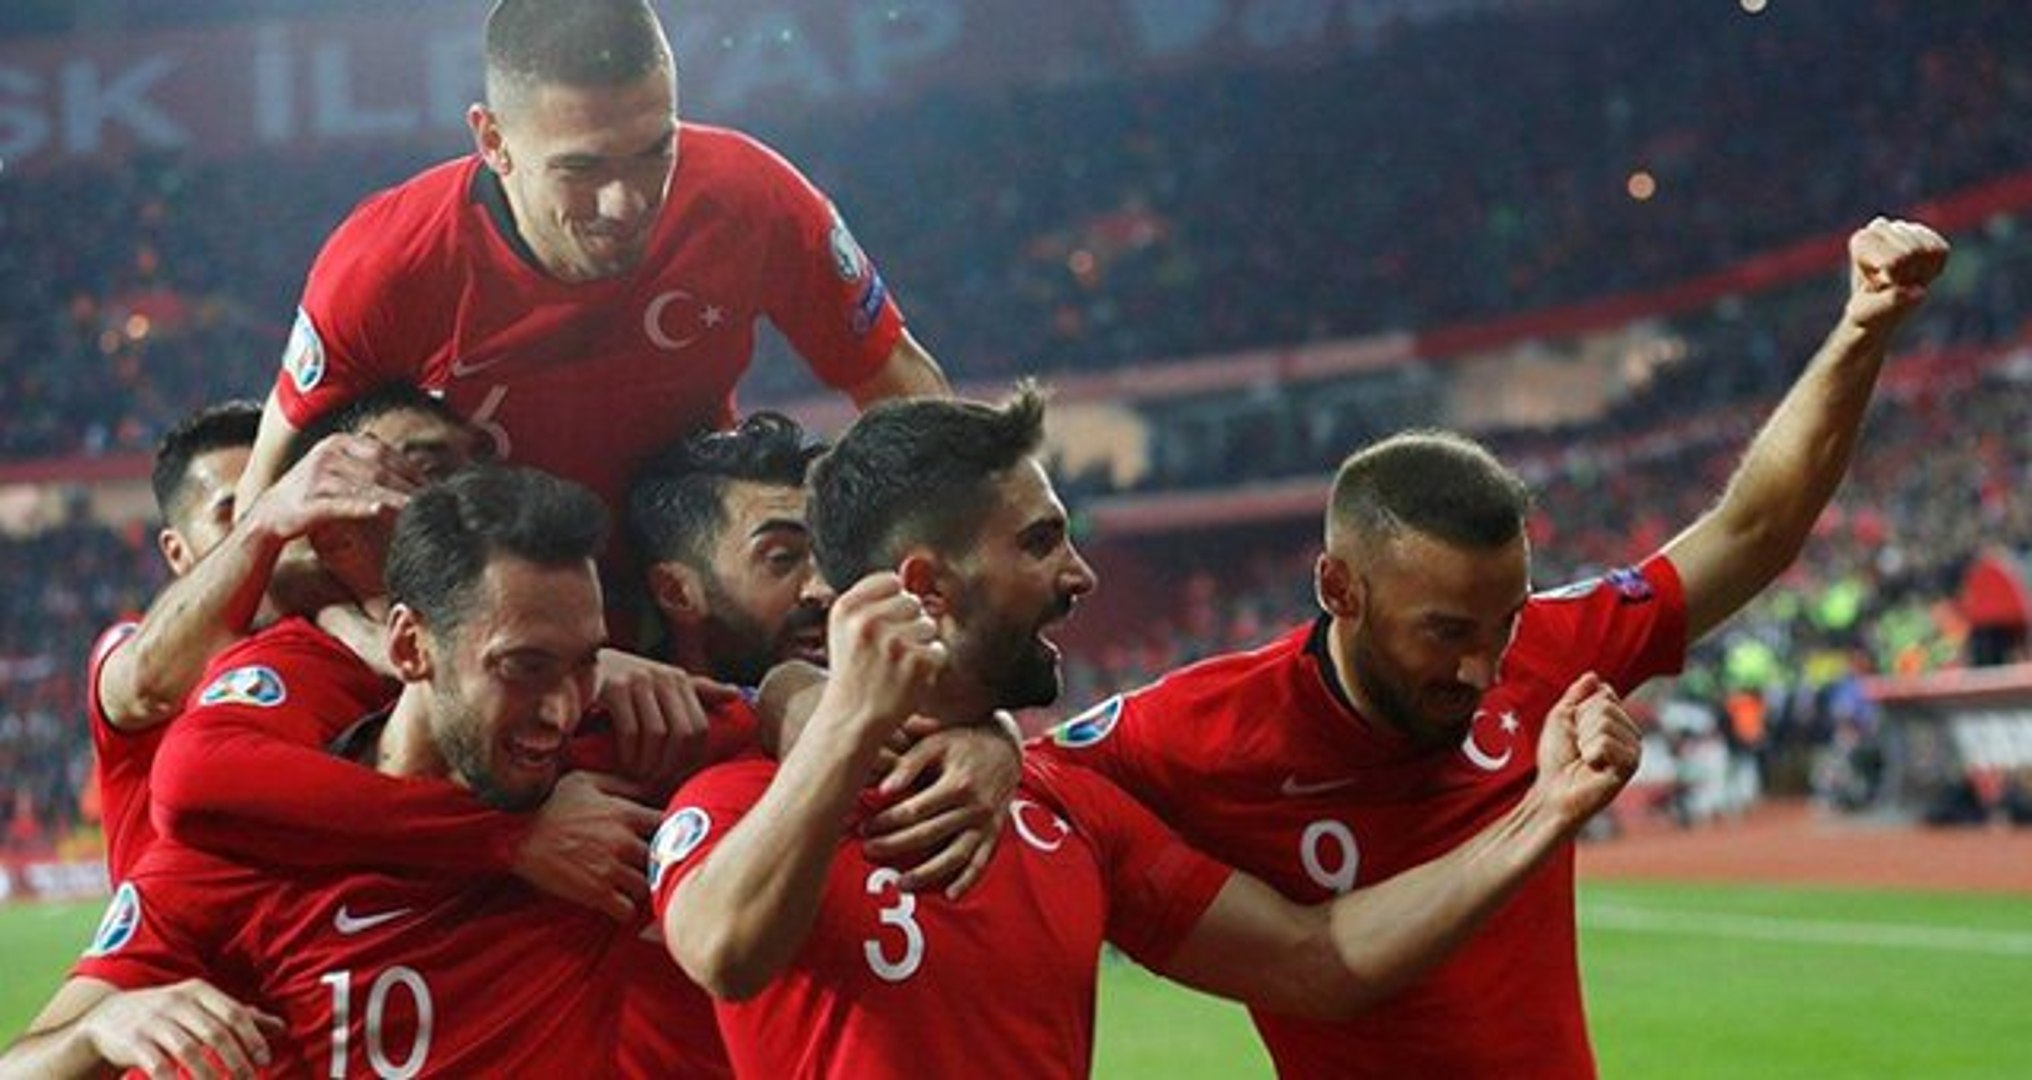 Milli Takımdaki İlk Golünü Atan Hasan Ali Kaldırım, Sosyal Medyayı Salladı